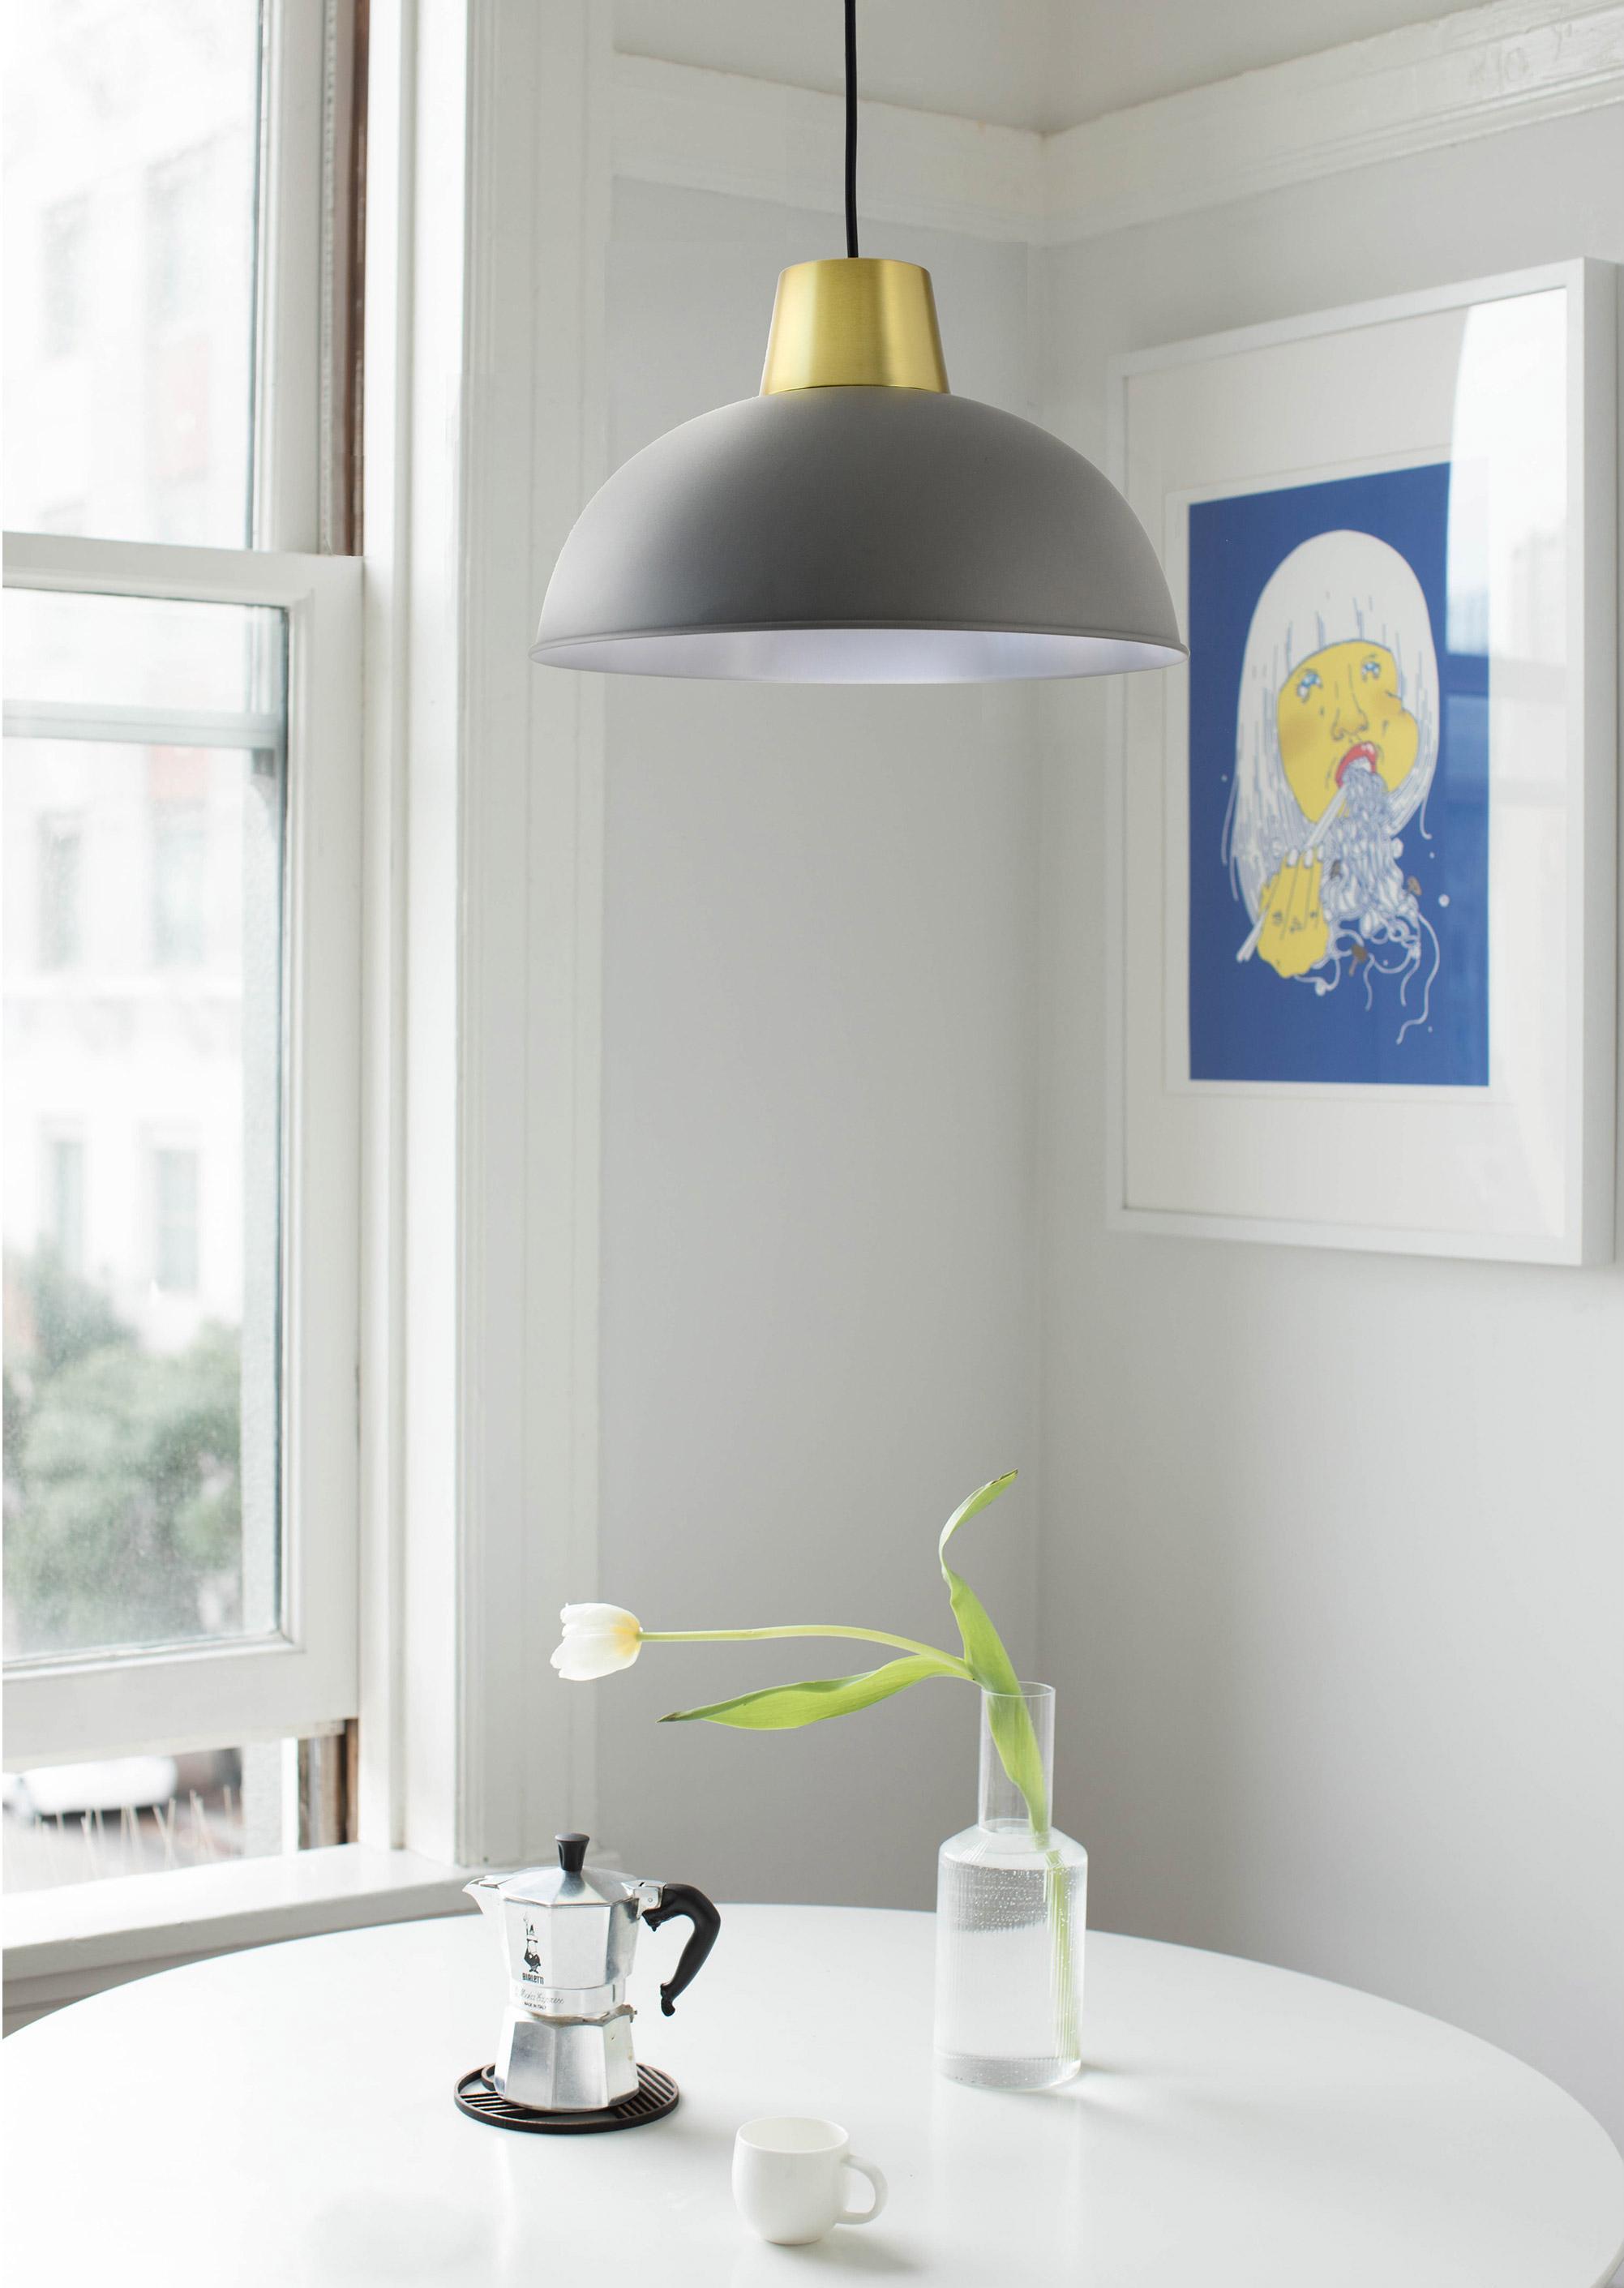 Suspension, charme métal gris/laiton BOUDET Marsdor 1 lumière(s) D.31 cm